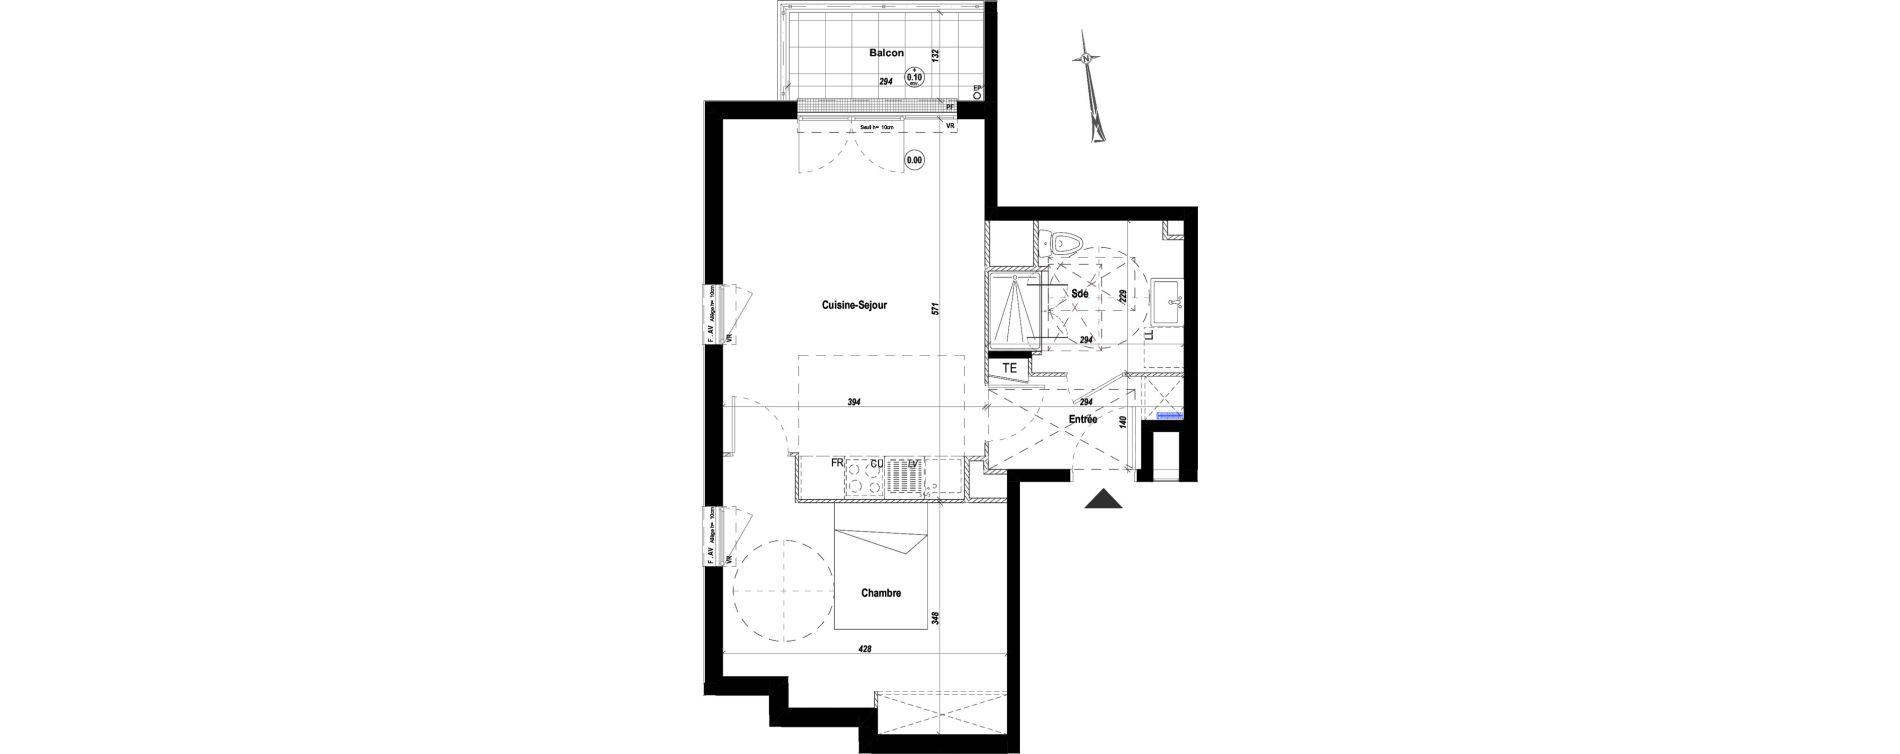 Appartement T2 de 45,26 m2 à Drancy Le petit drancy